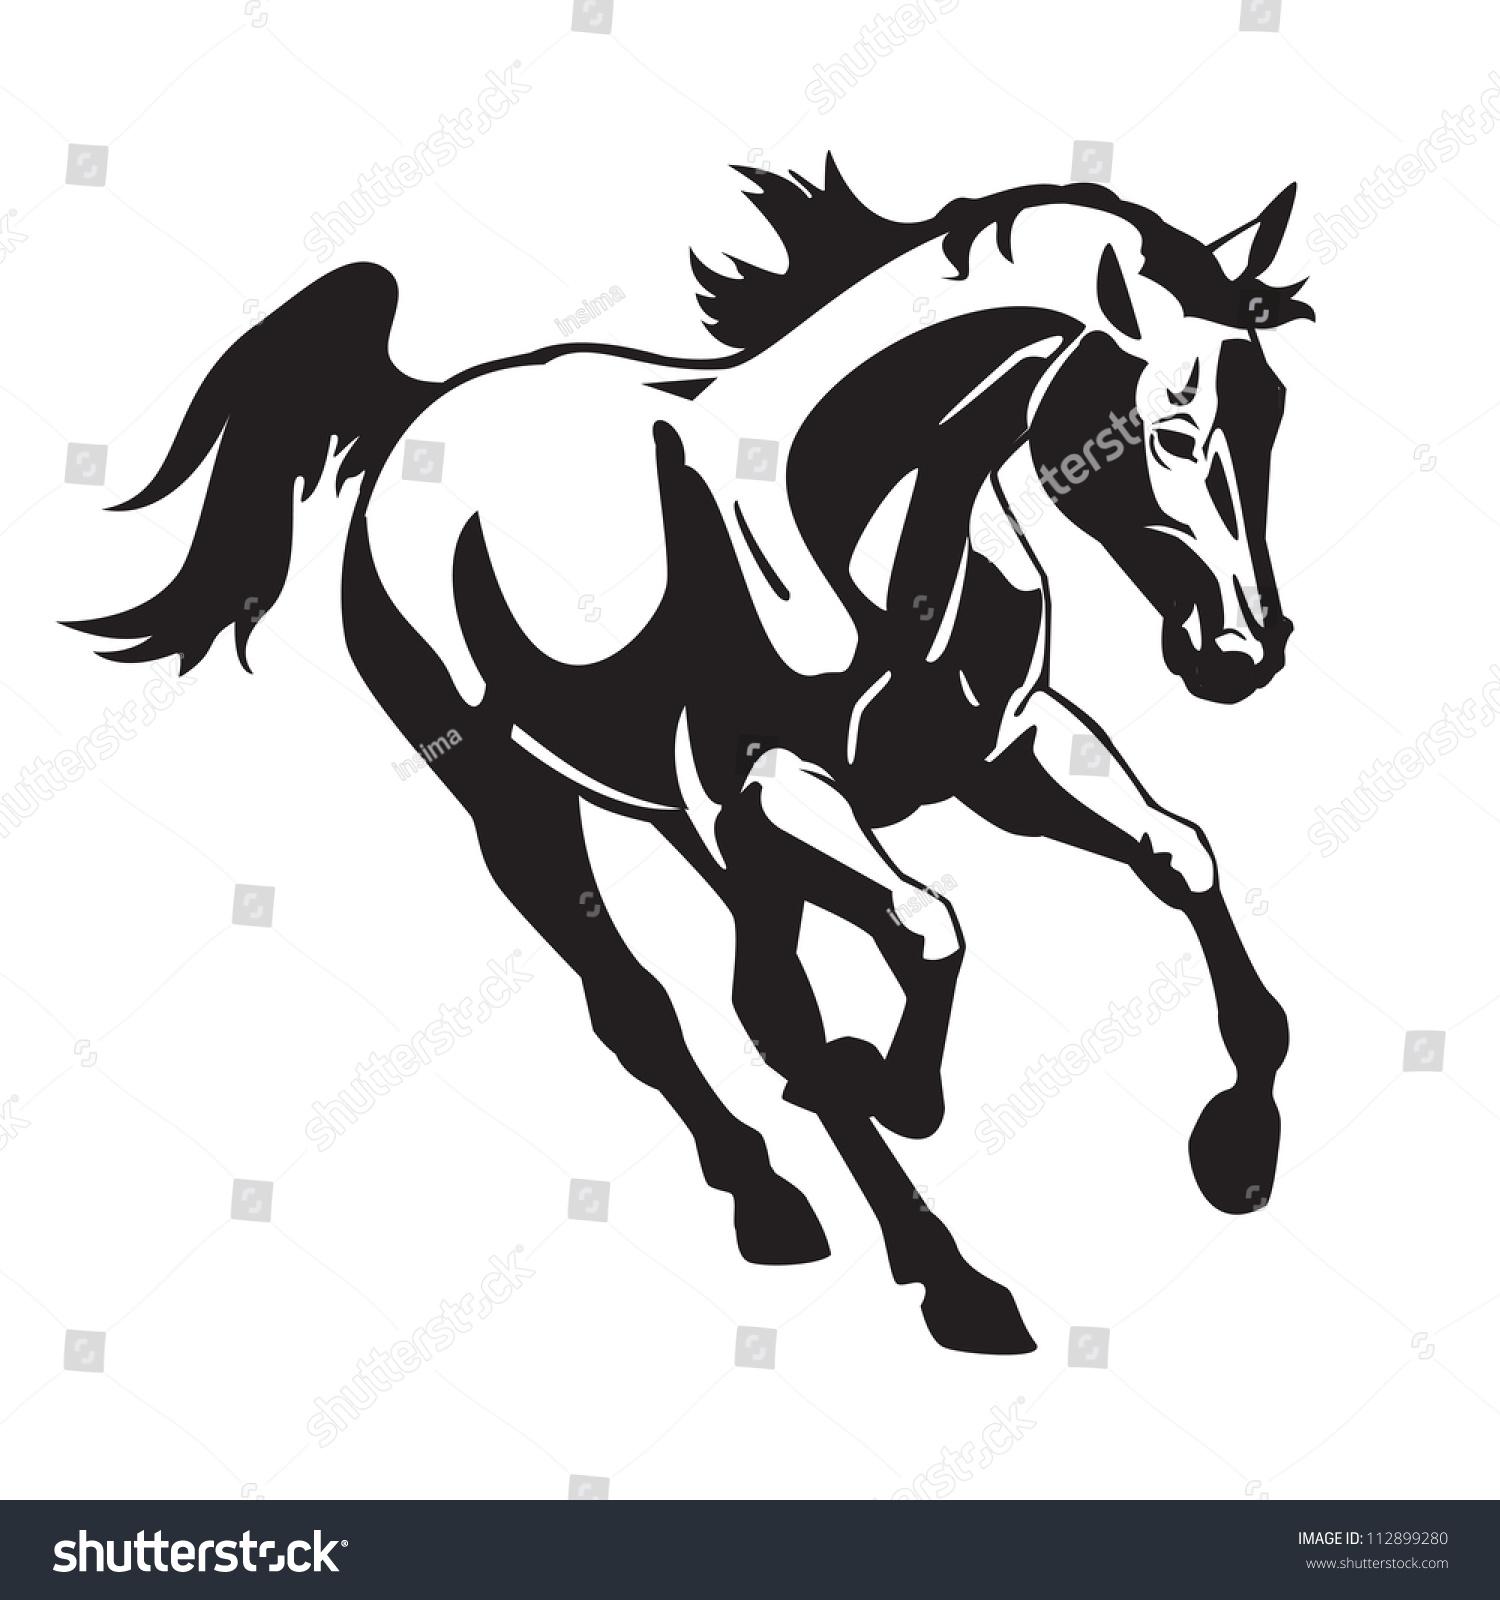 Running Horse Black White Vector Image Stock Vector ...